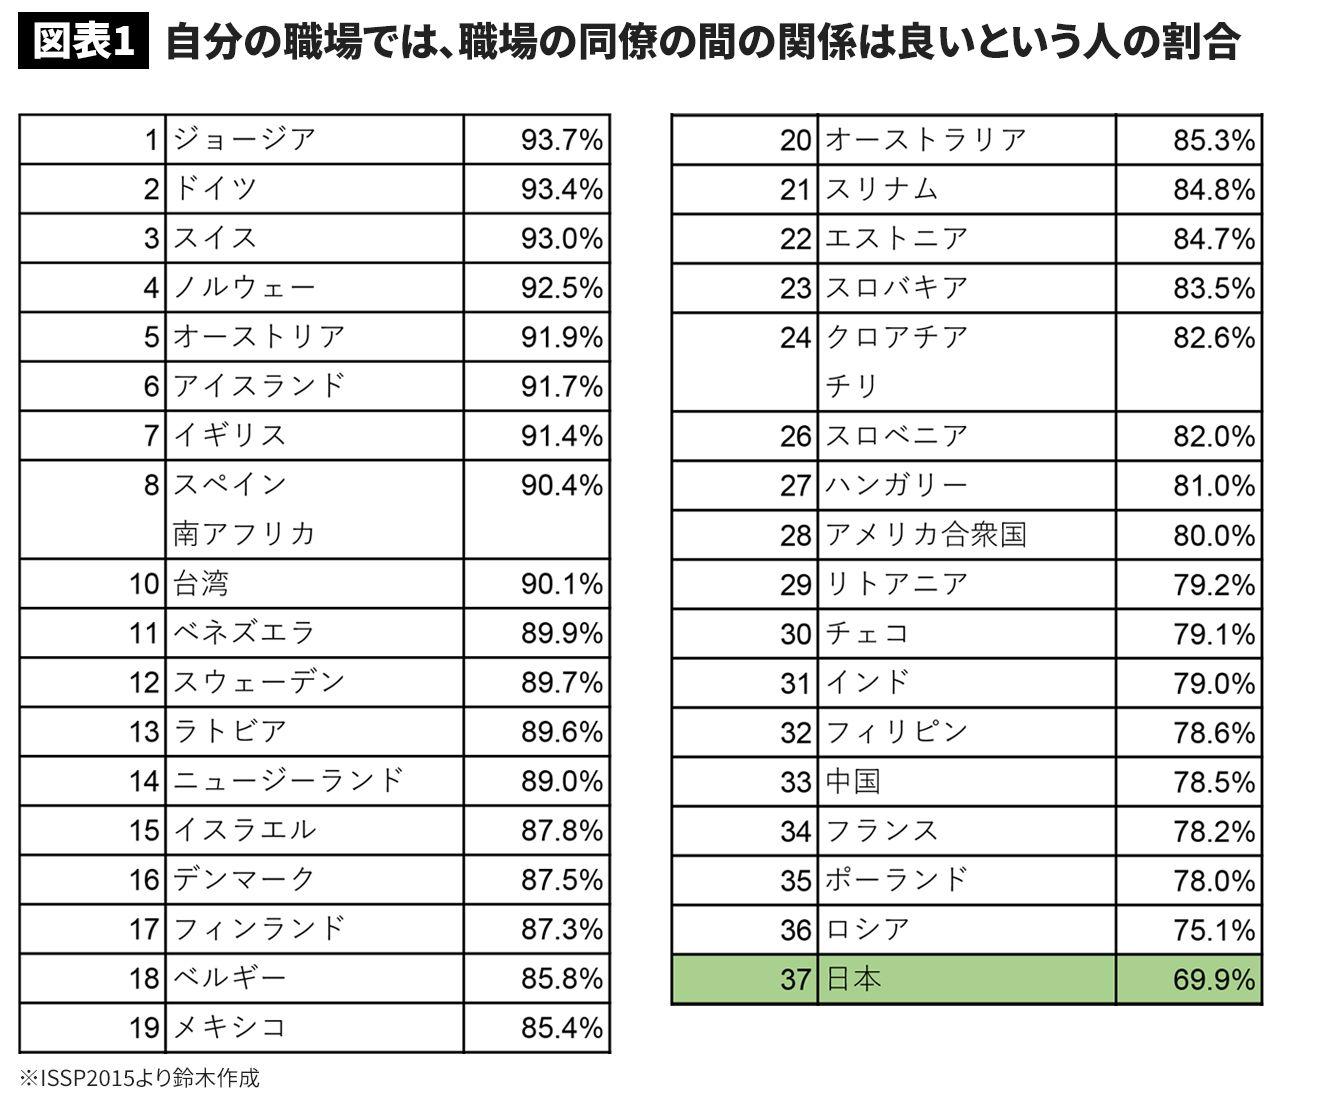 日本の職場の人間関係に対する満足度は南米以下